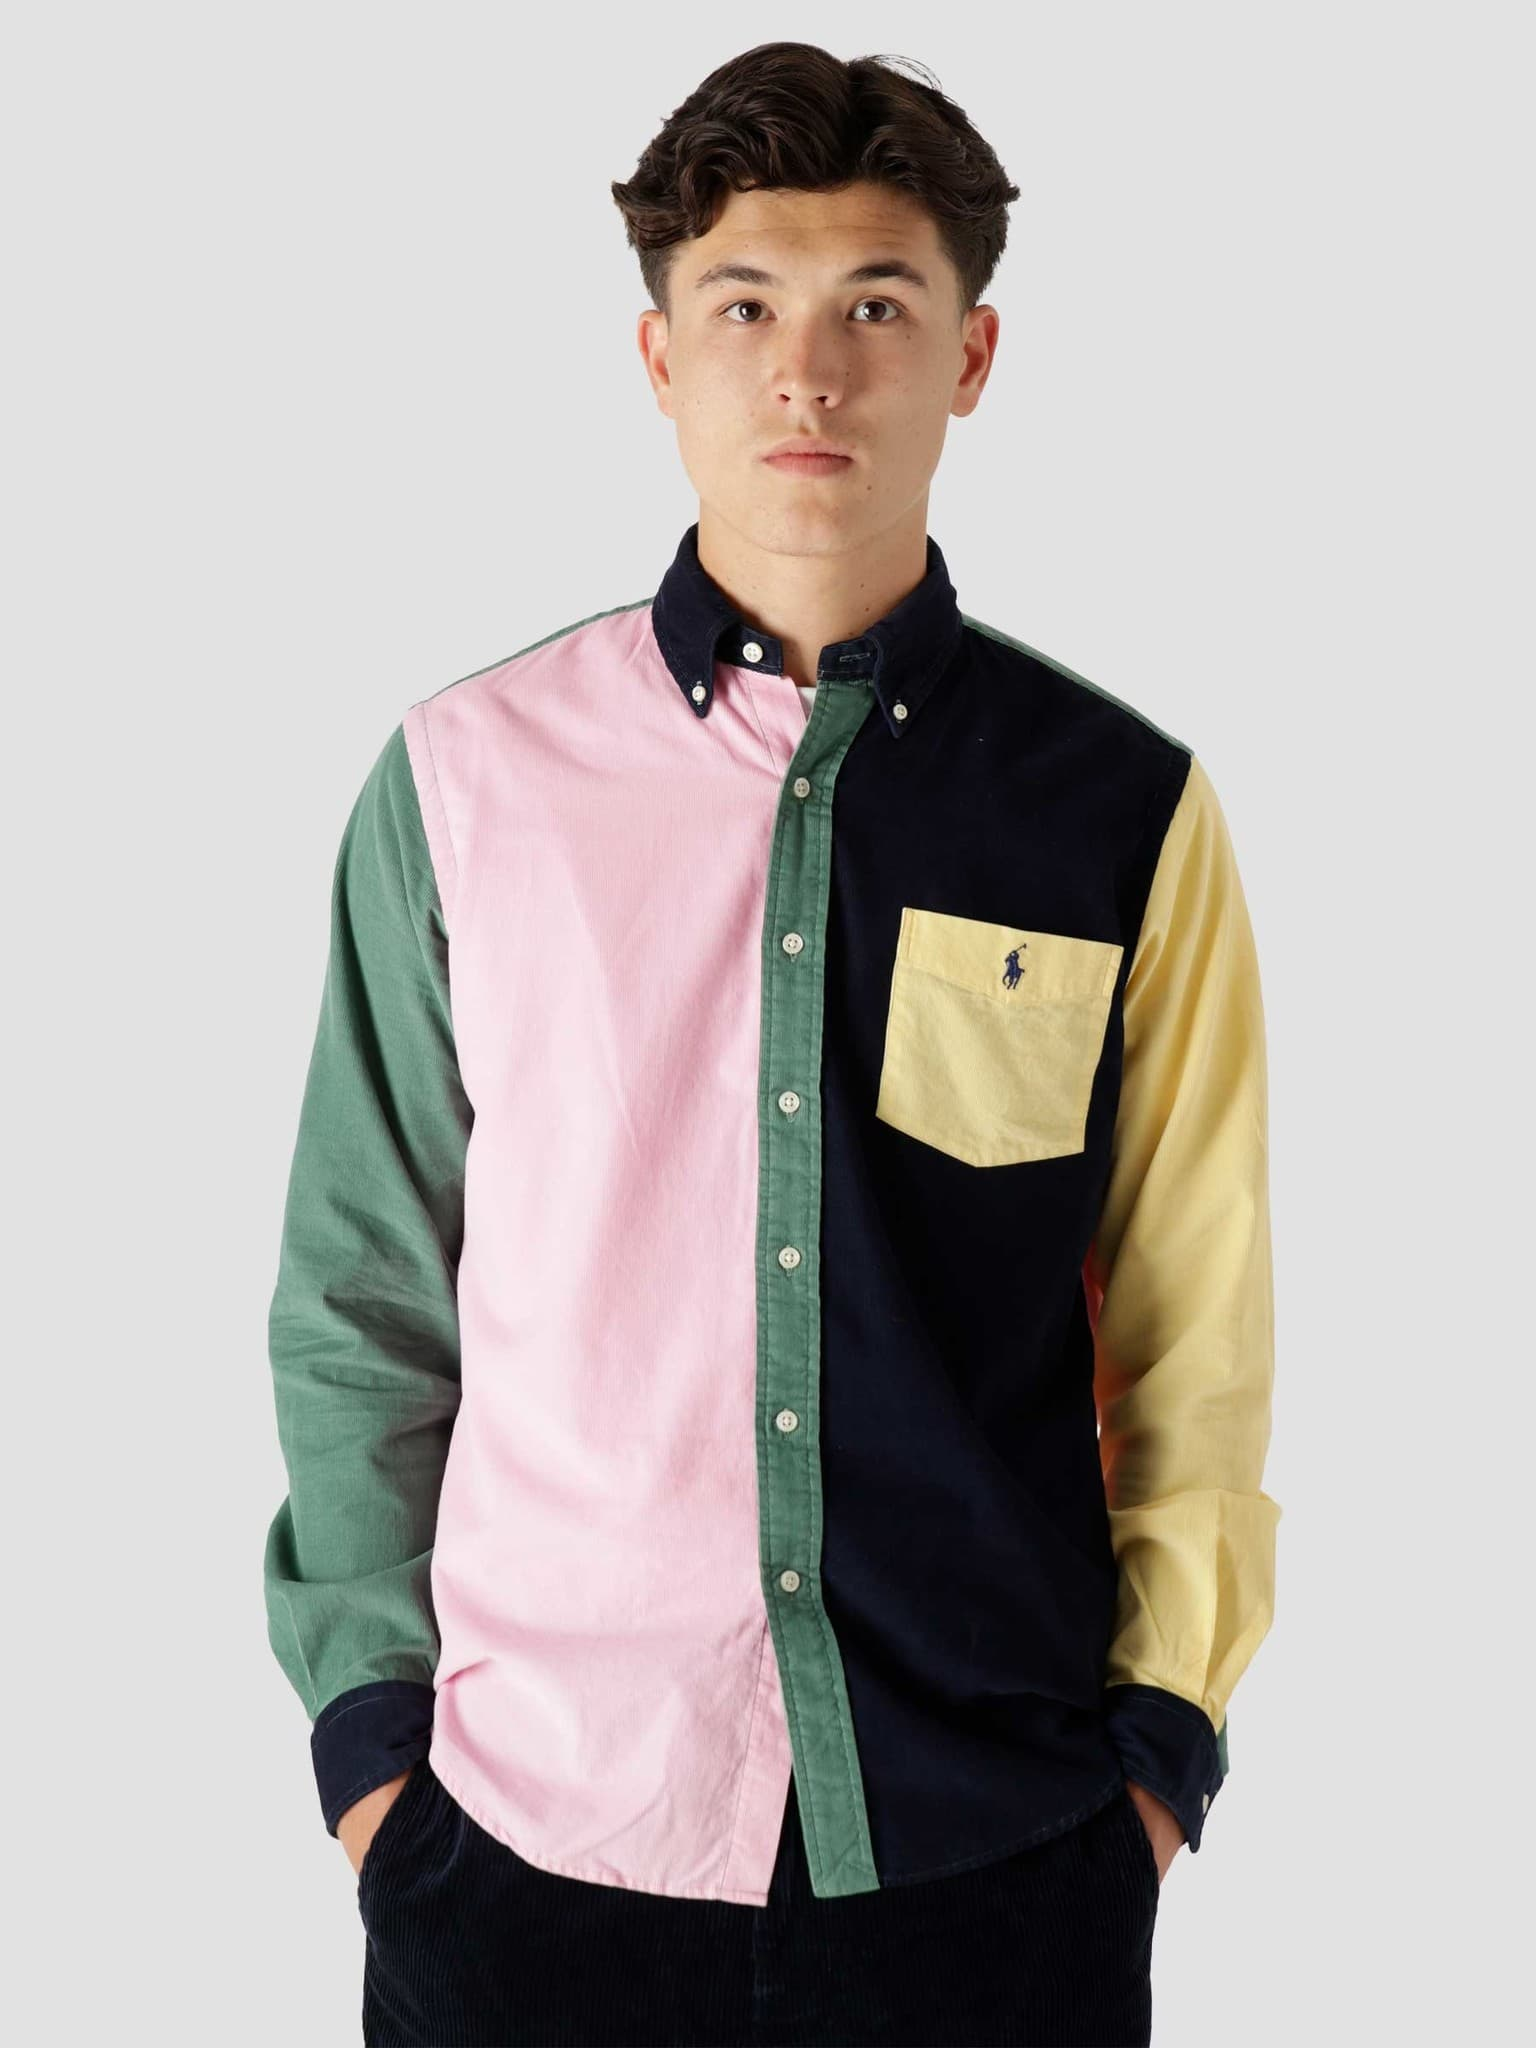 80-2 21W Corduroy Shirt 5414 Multi Fun Shirt 710853145001